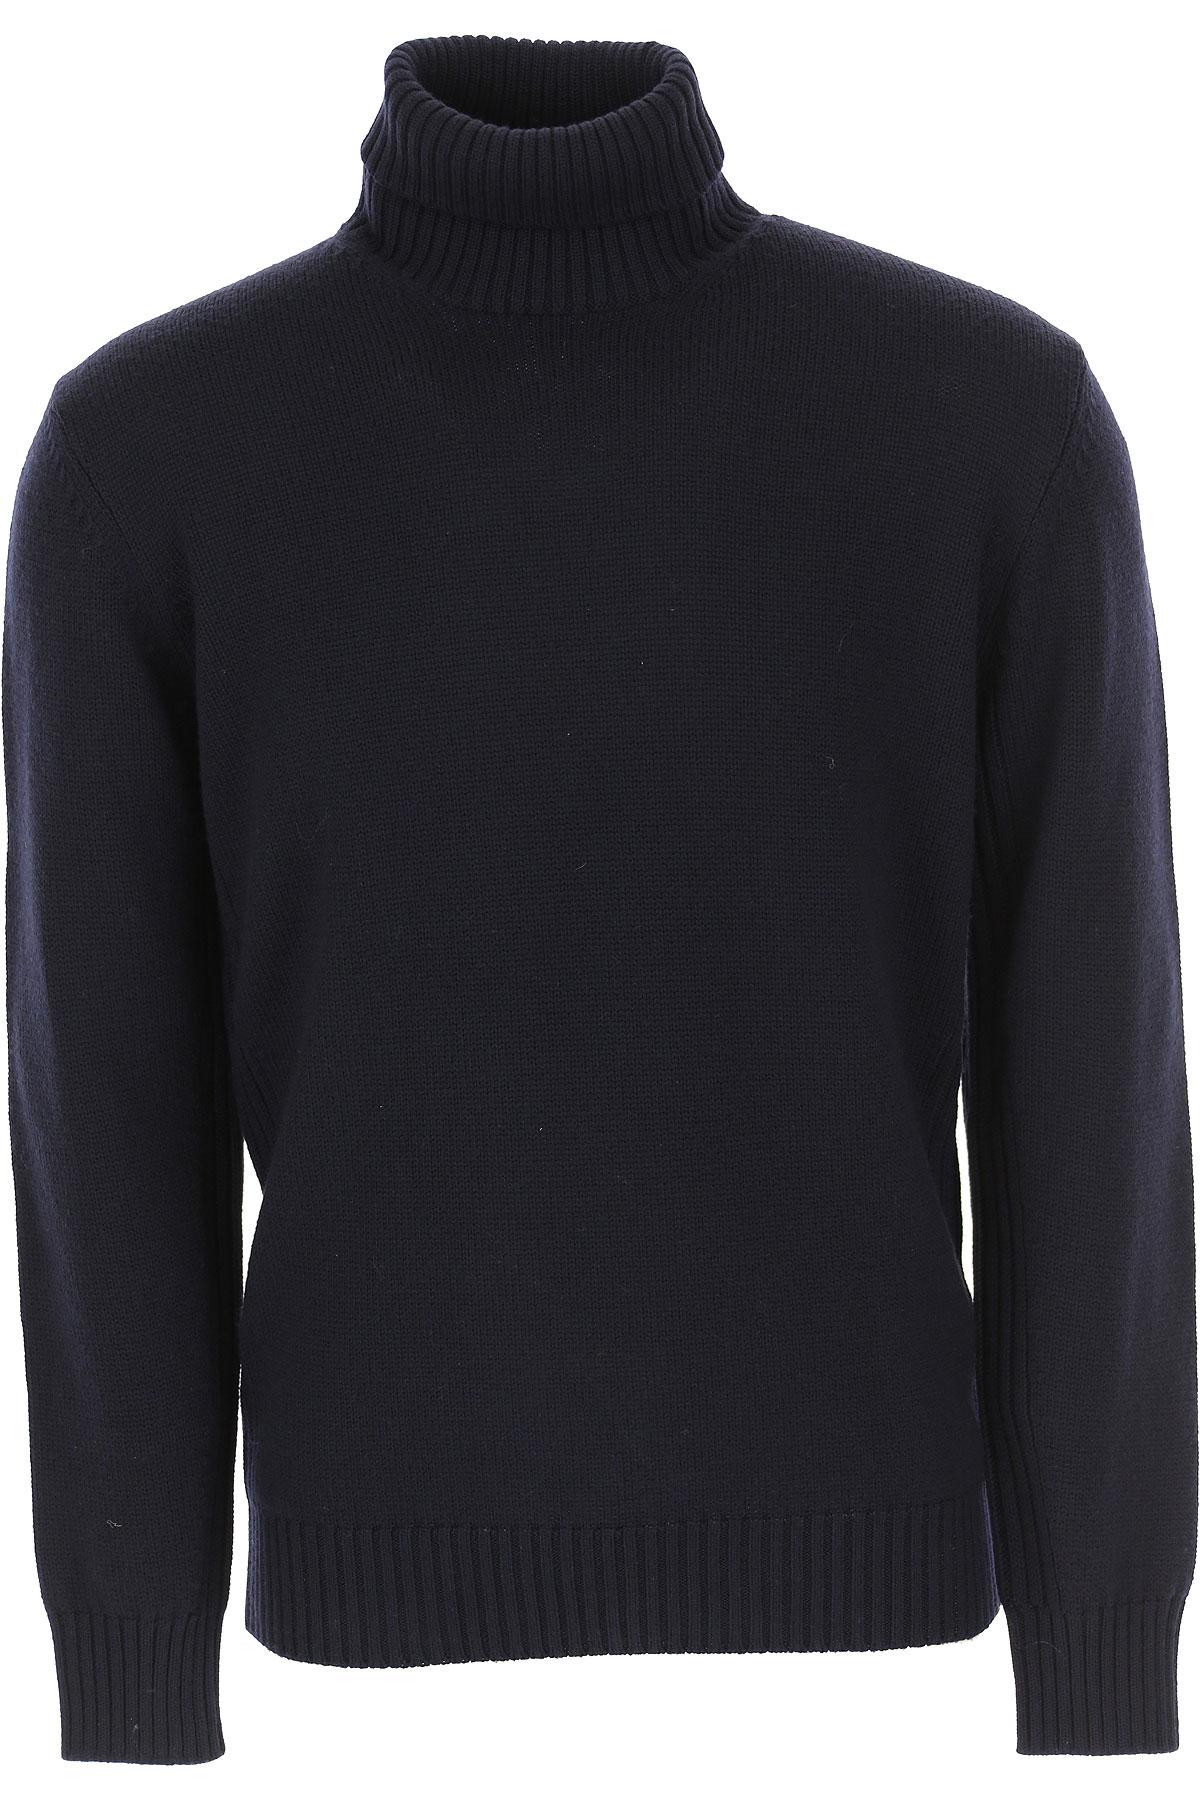 Kangra Sweater for Men Jumper On Sale, Dark Navy Blue, Extrafine Baby Merinos Wool, 2019, L M S XL XXL